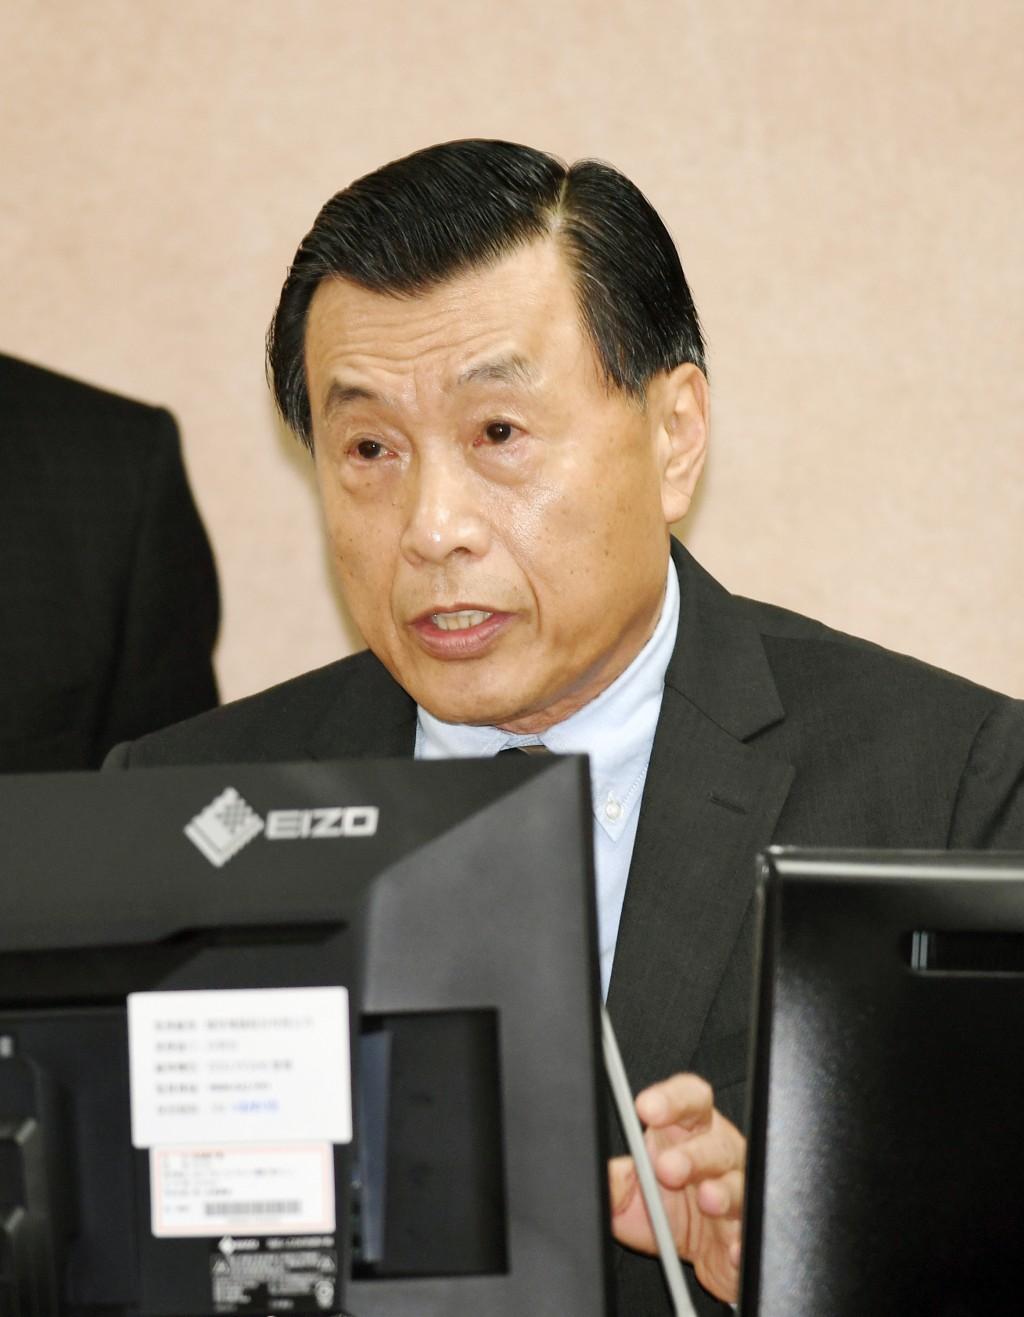 國安局長彭勝竹(圖)19日在立法院外交及國防委員會備詢表示,在中共修憲後,兩岸關係會因此增添變數。中央社記者施宗暉攝  107年3月19日